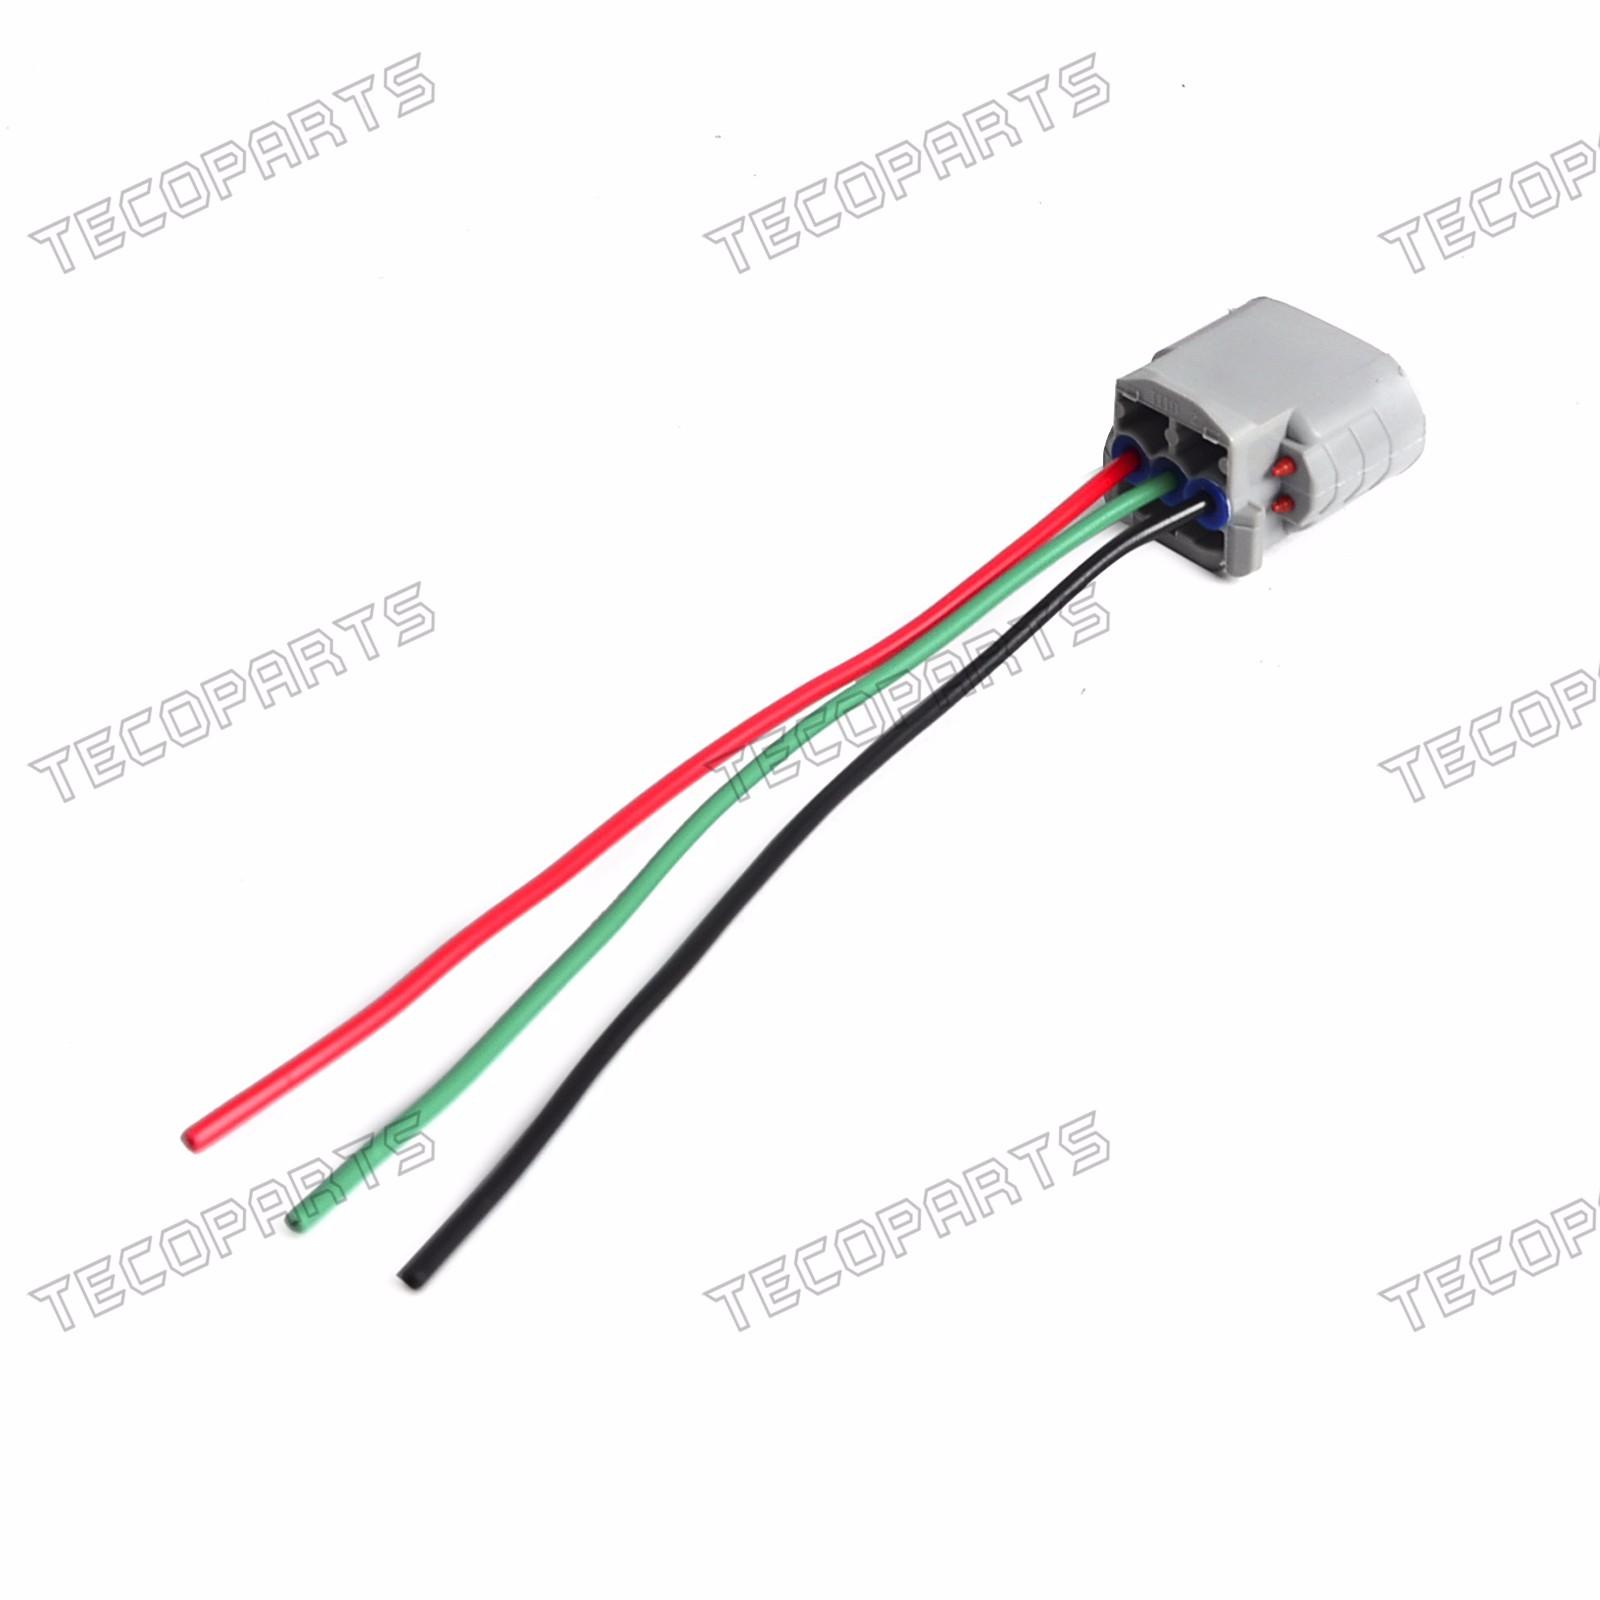 Harness Connector Nissan Buzzer Data Schema Wiring Diagram Nv Alternator Repair Plug 3 Wire Fit Radio Wires For